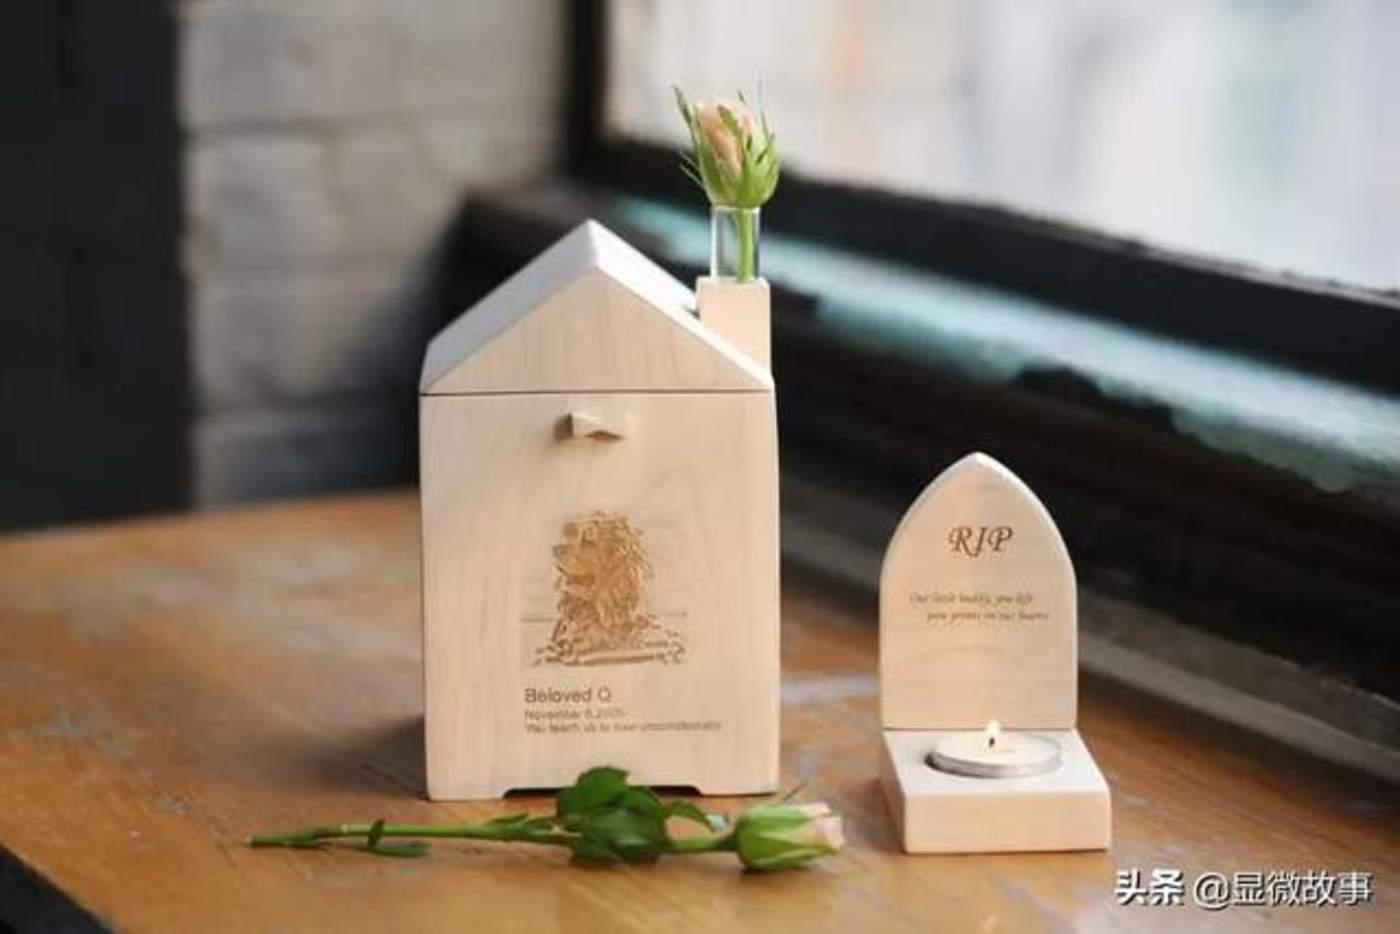 图丨我设计的骨灰盒